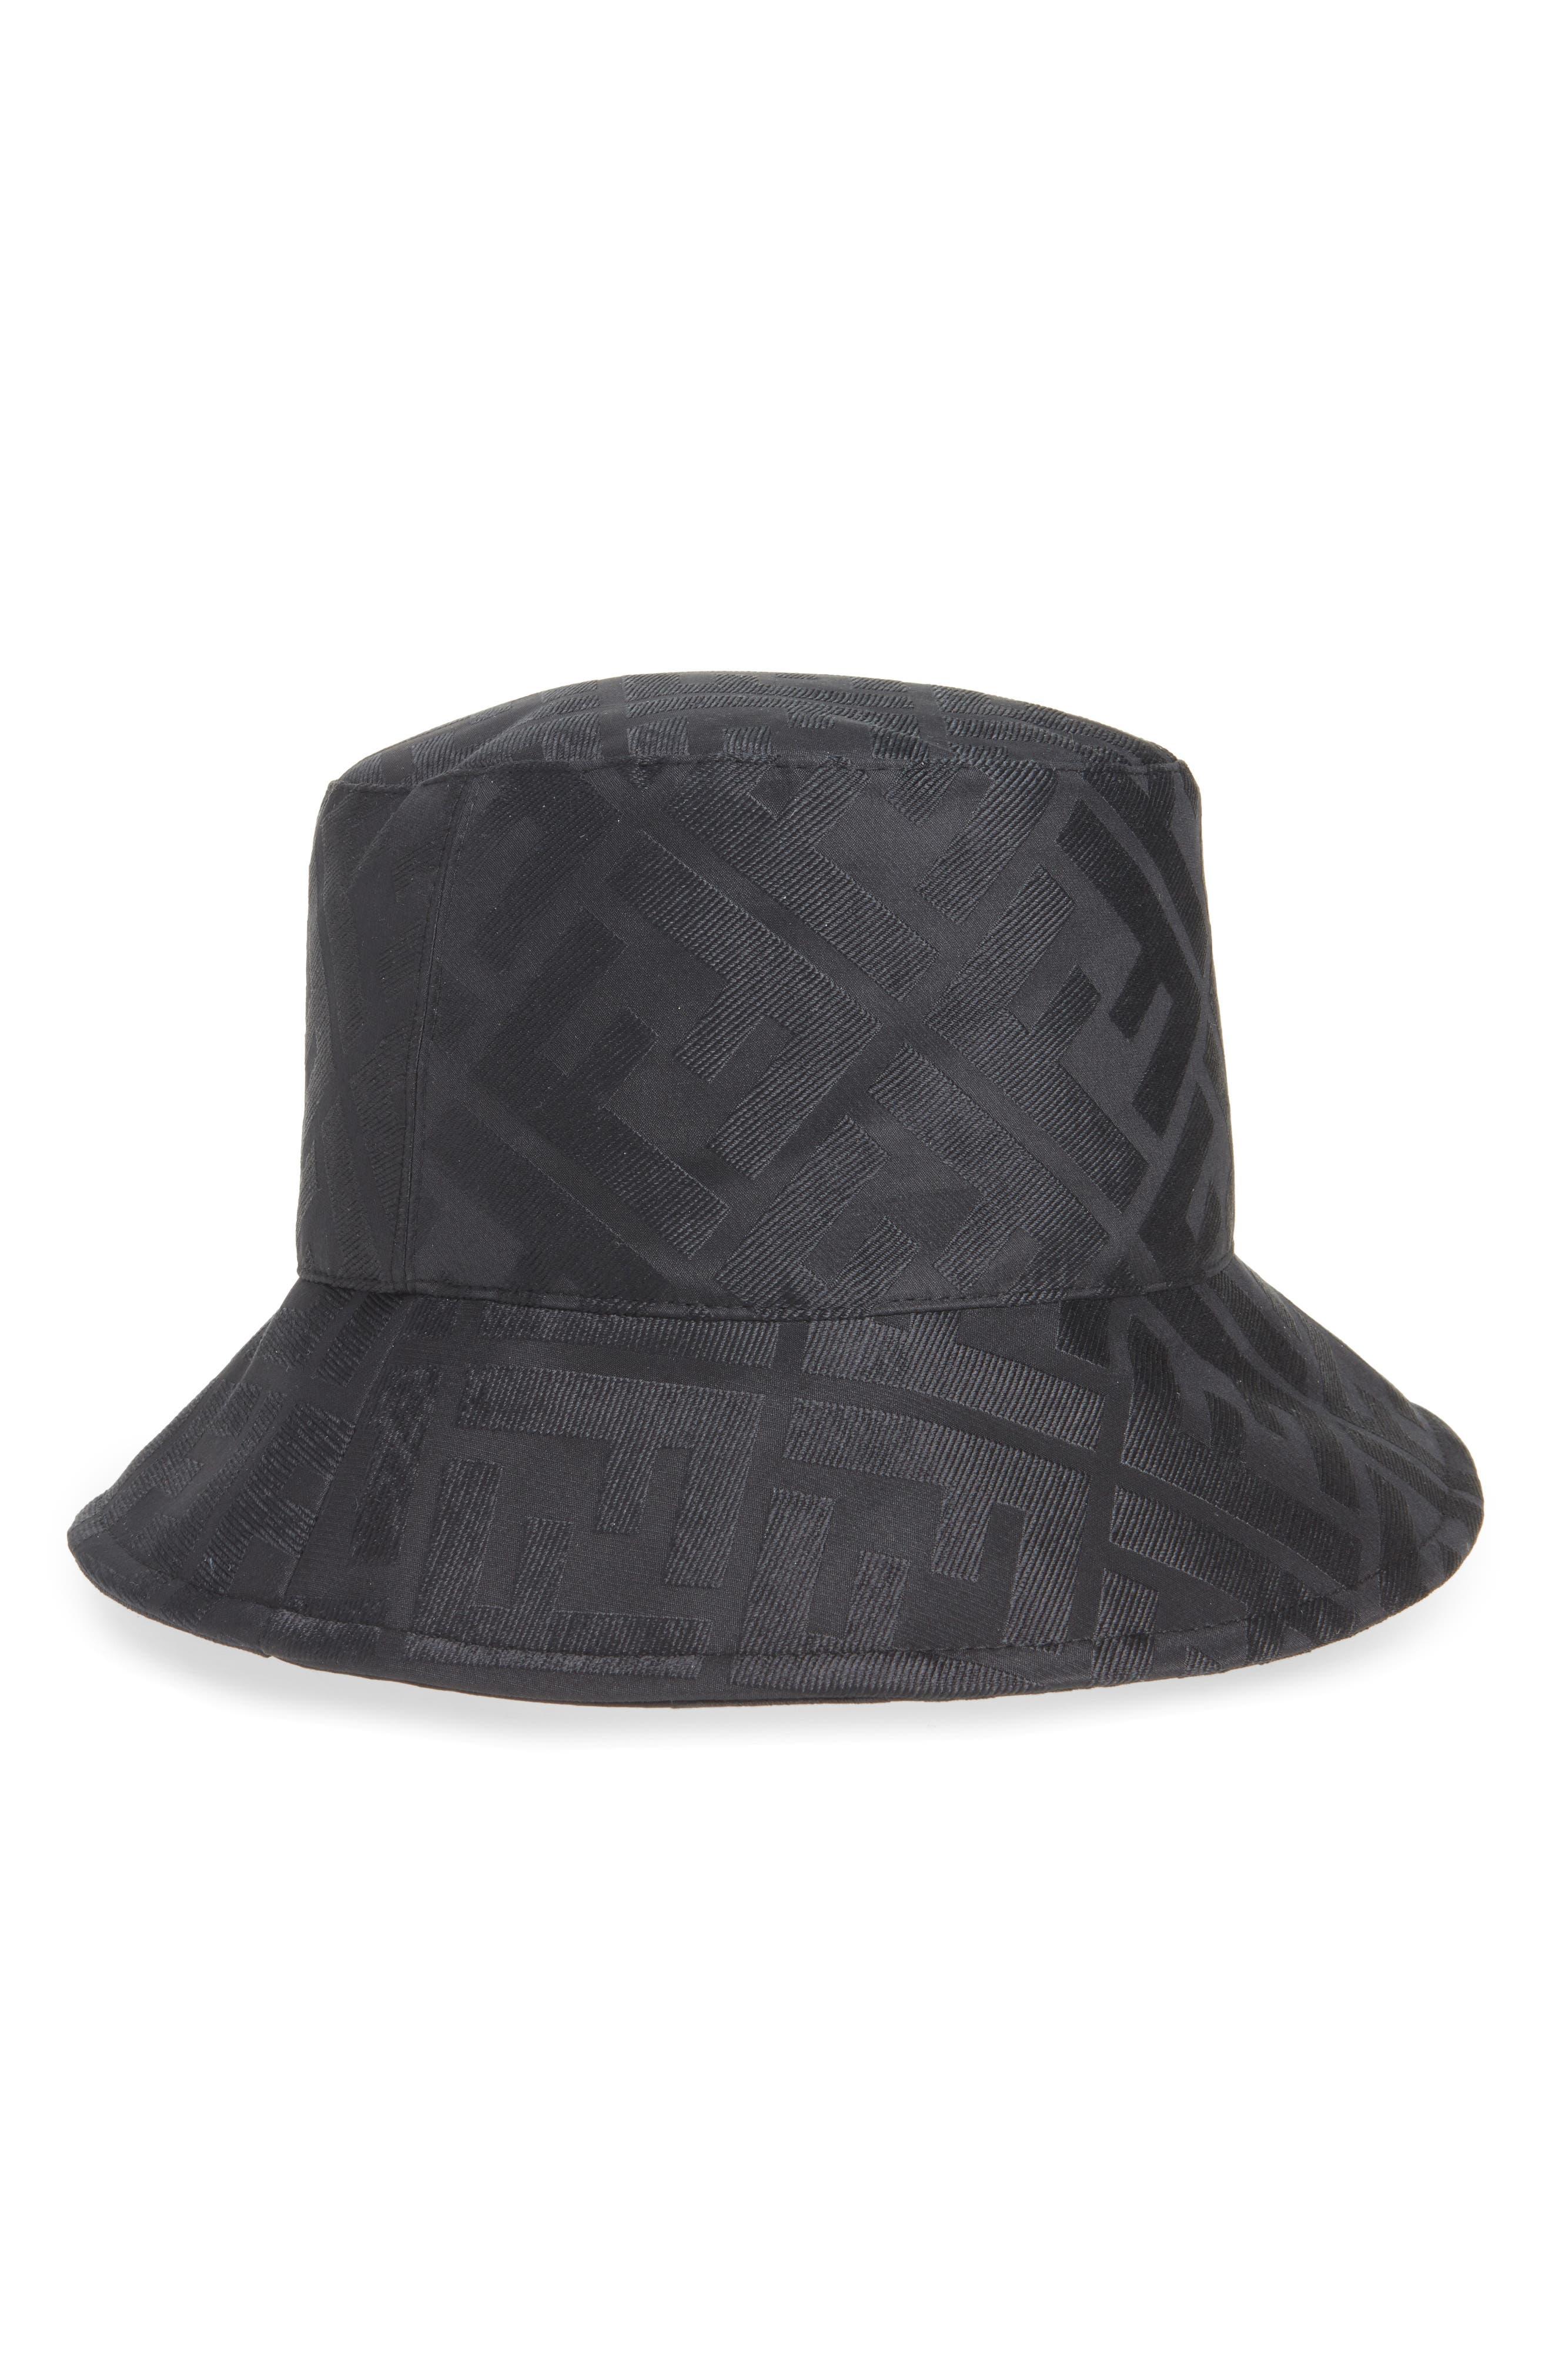 Peter Storm Womens Bucket Hat